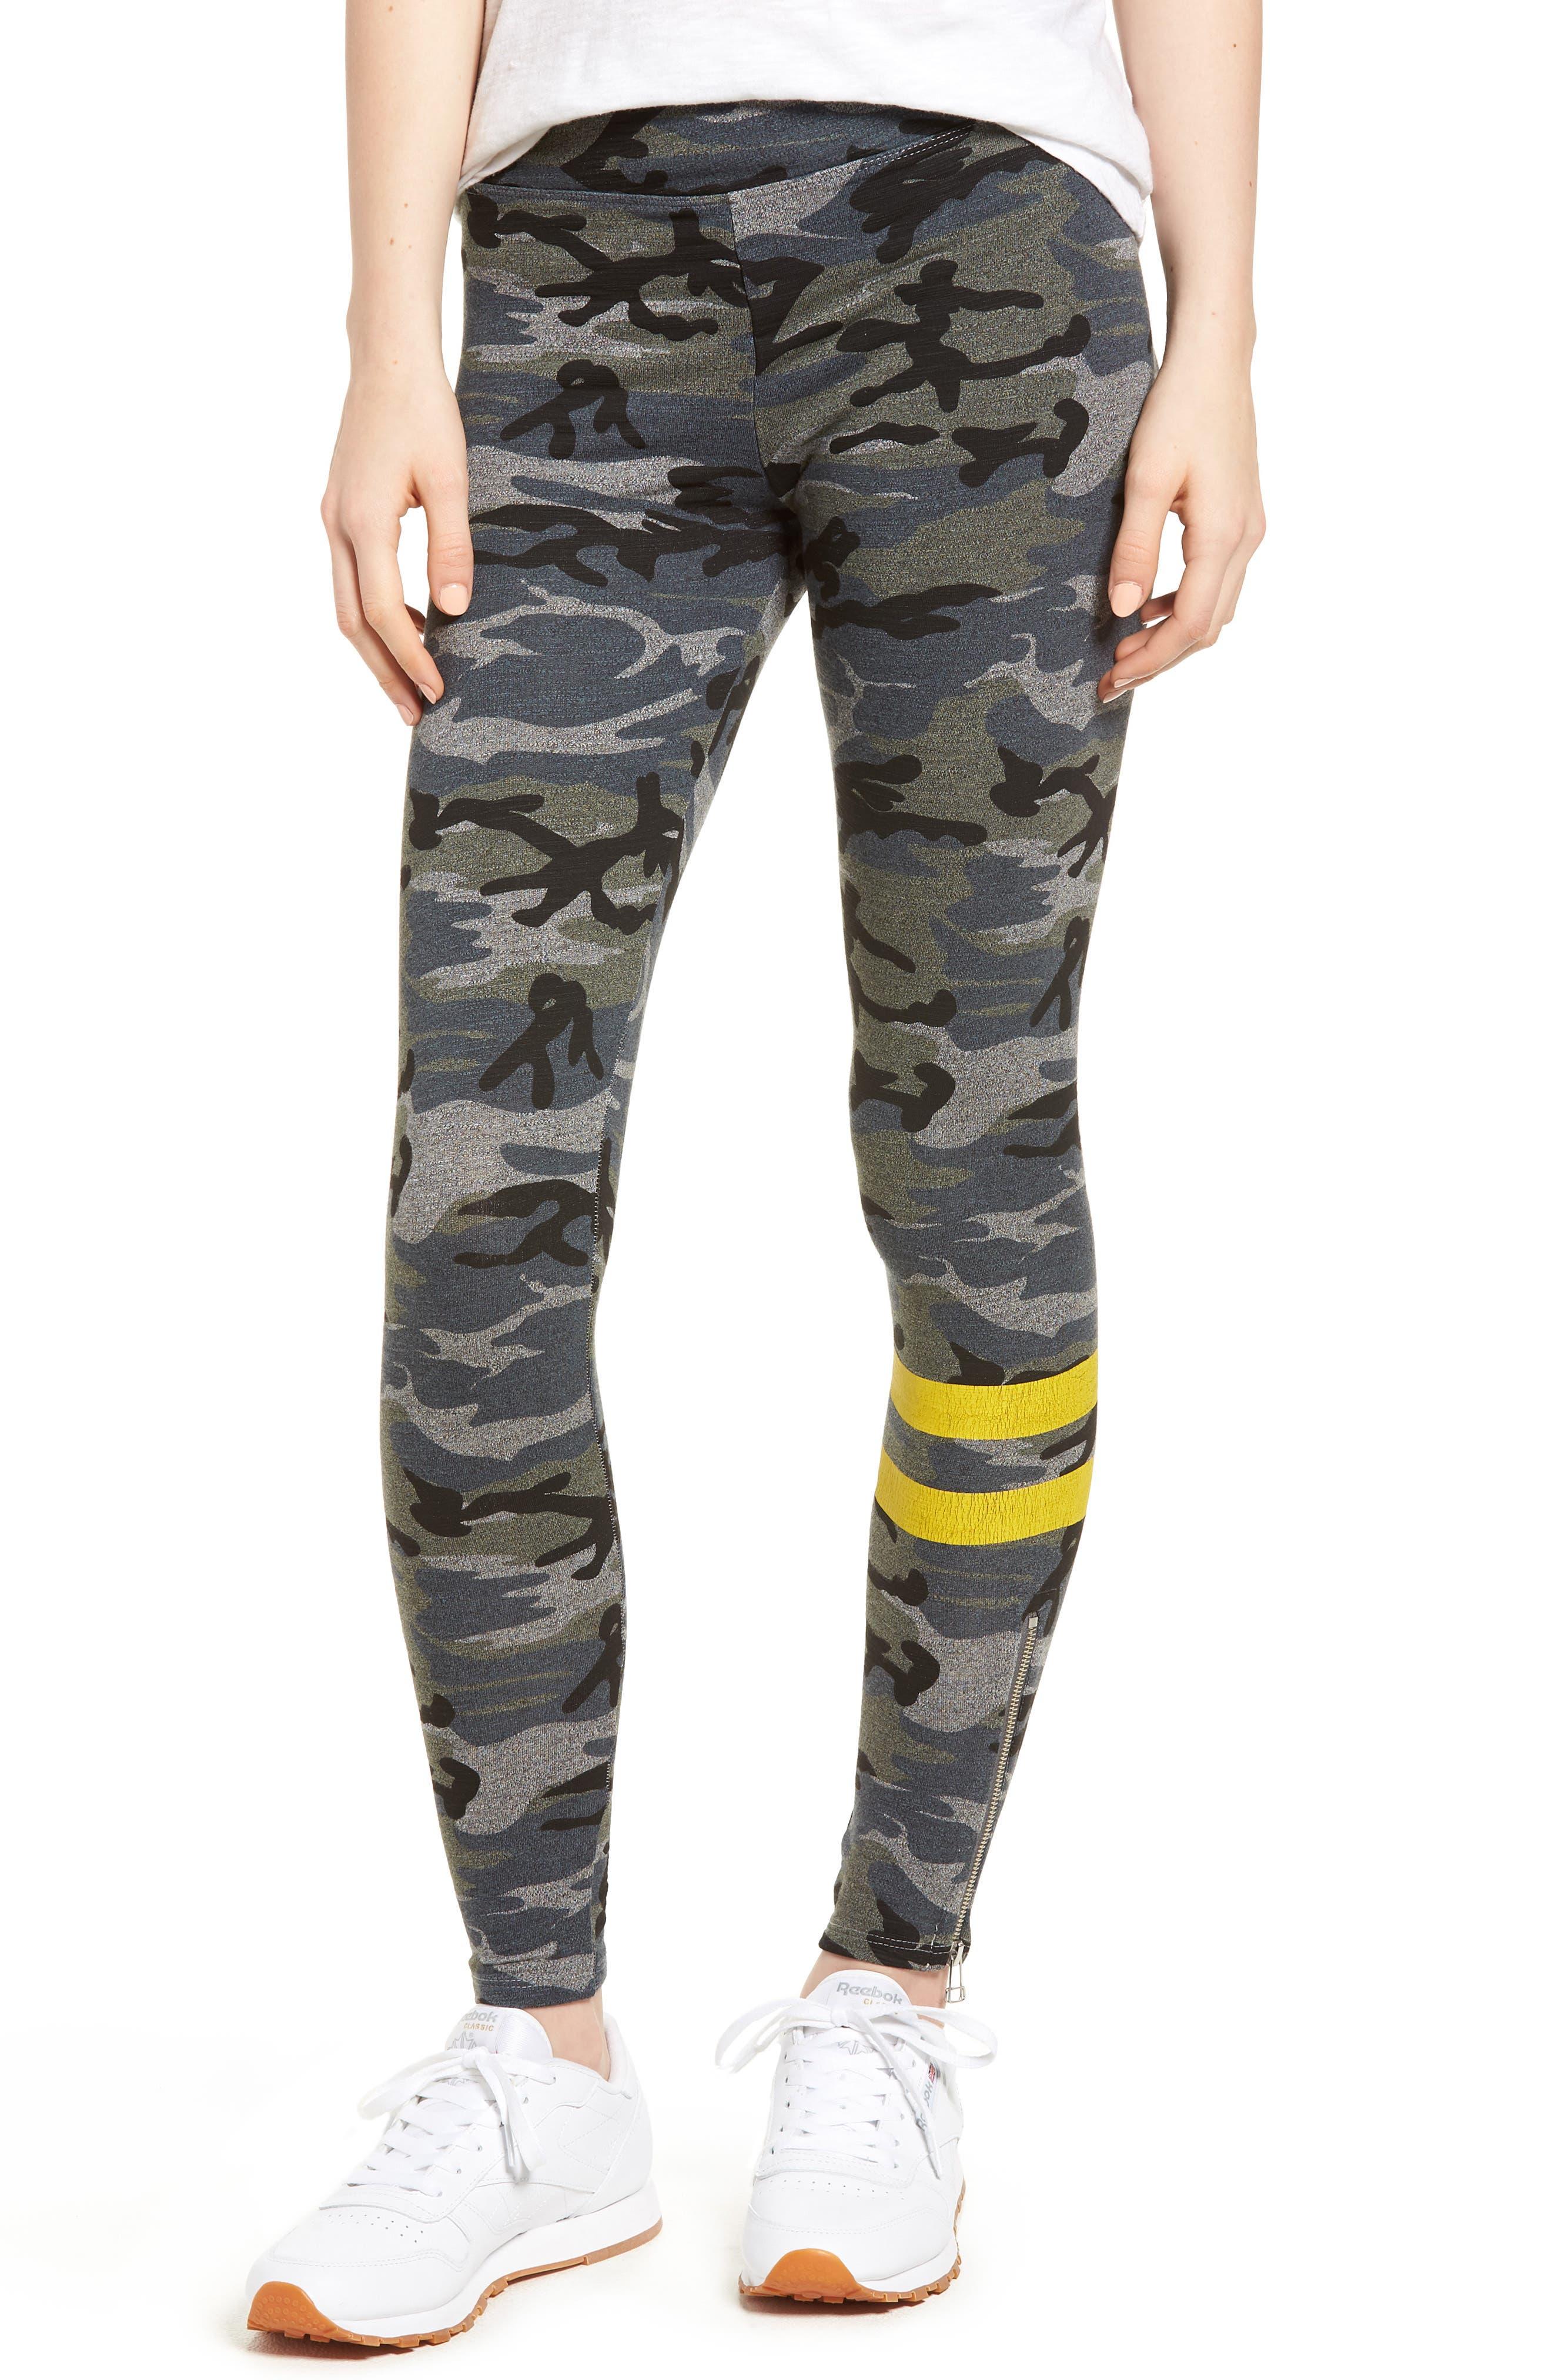 Stripe Camo Yoga Pants,                             Main thumbnail 1, color,                             020